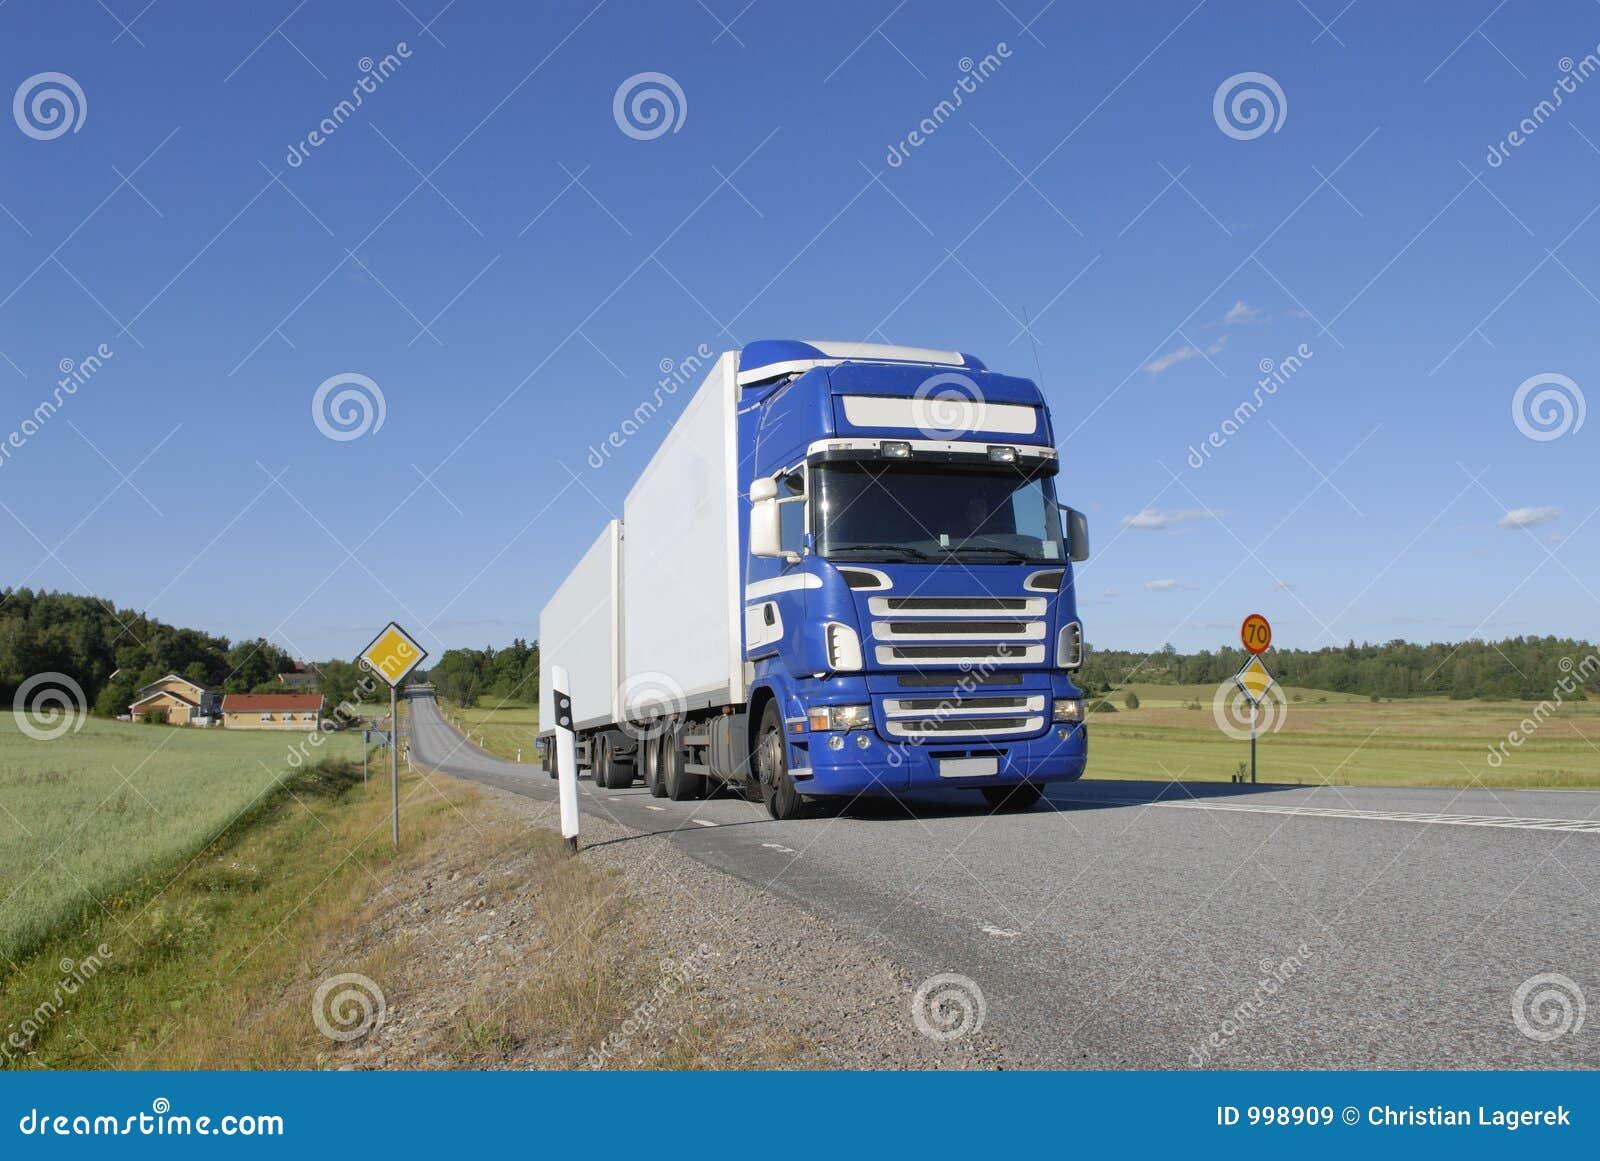 Landstransport